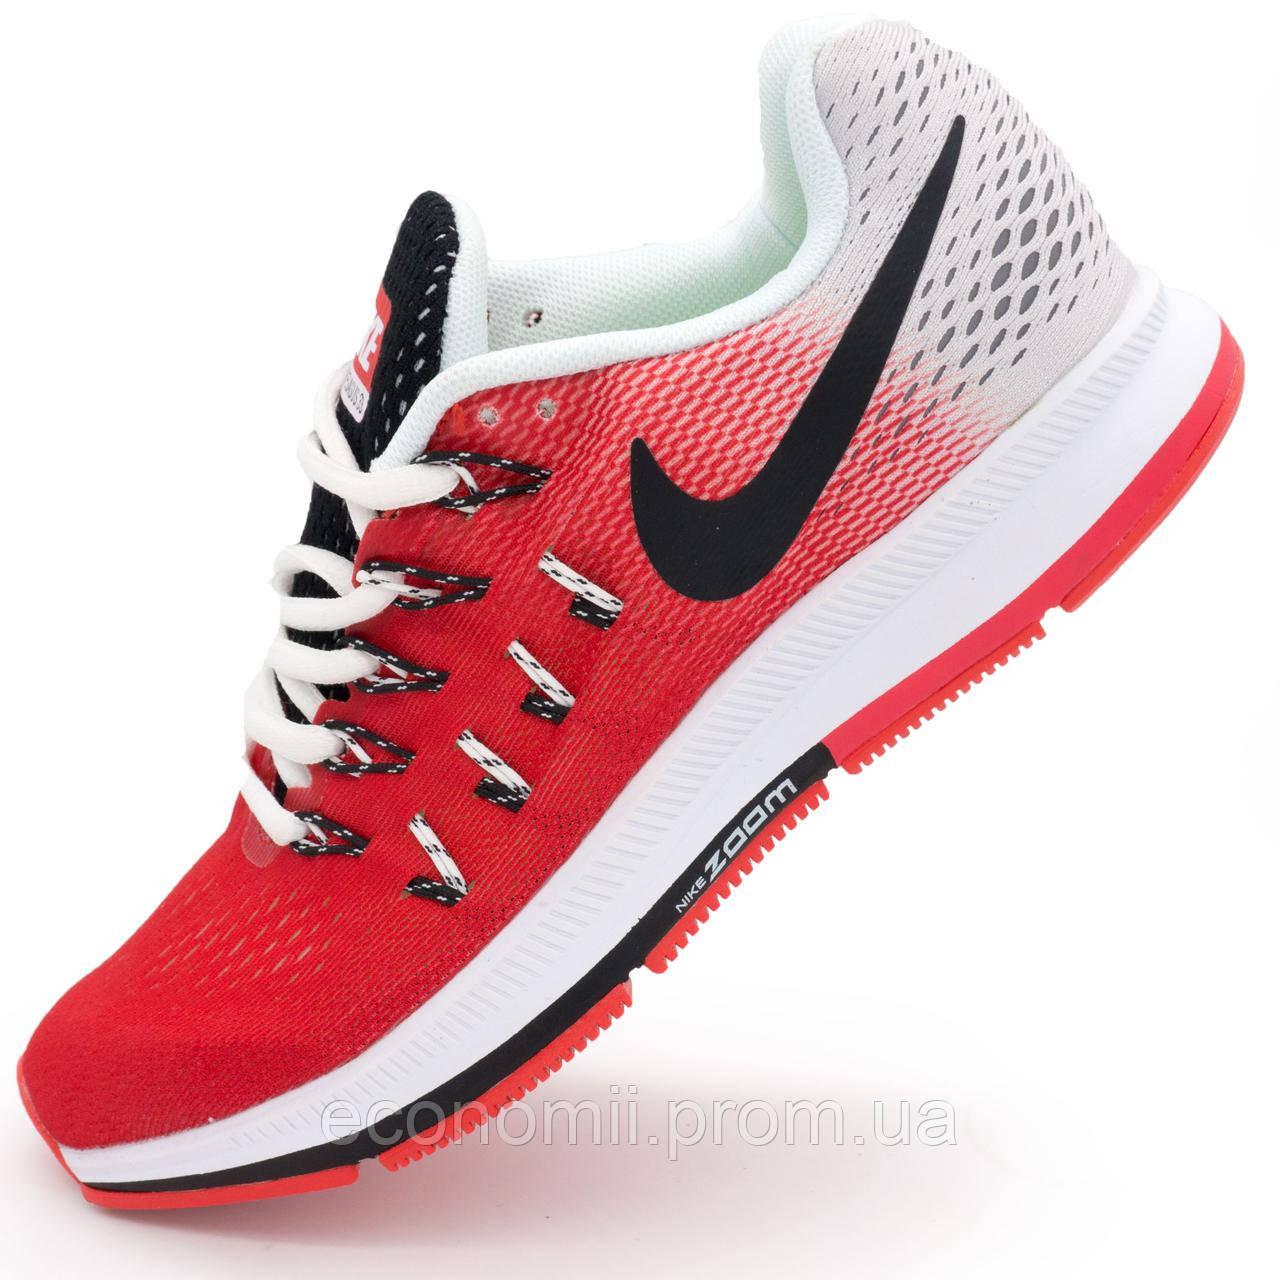 50dff8d5ec160 Женские кроссовки для бега Nike Zoom Pegasus 33 красные. Топ качество! -  Реплика р.(38), цена 1 270 грн., купить в Днепре — Prom.ua (ID#652412195)